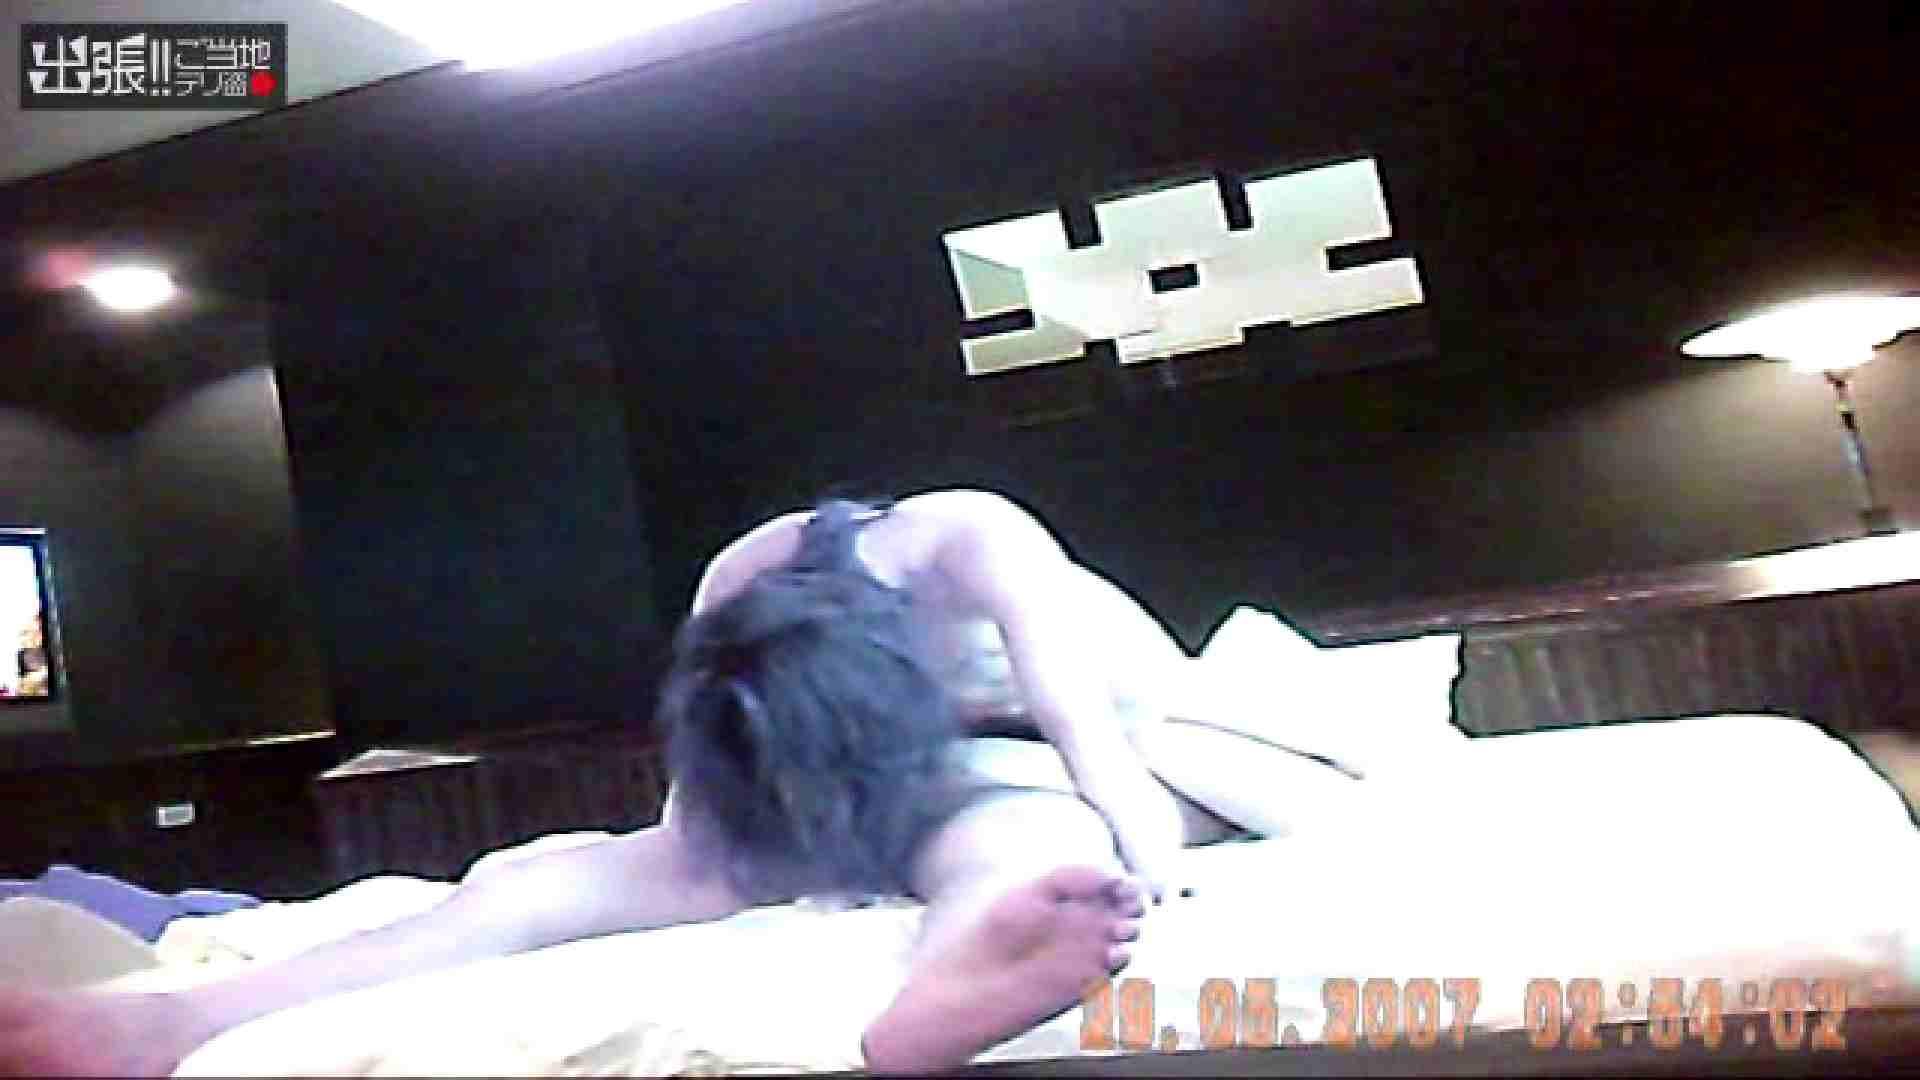 出張リーマンのデリ嬢隠し撮り第3弾vol.6 セックス スケベ動画紹介 104画像 88